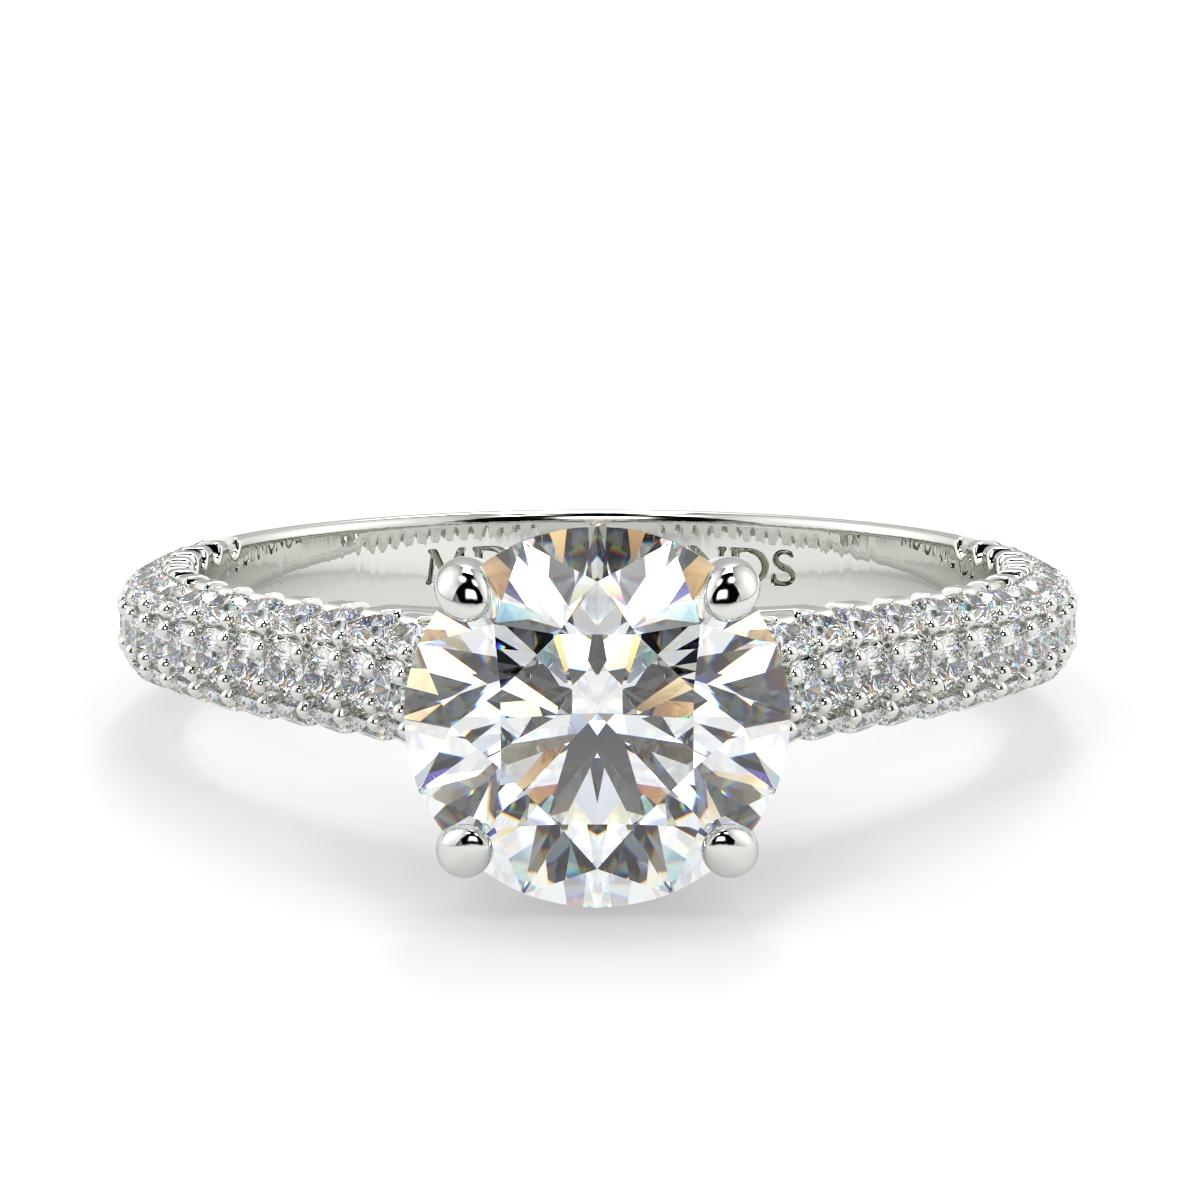 Round Mumbai Pave Set Diamond Ring